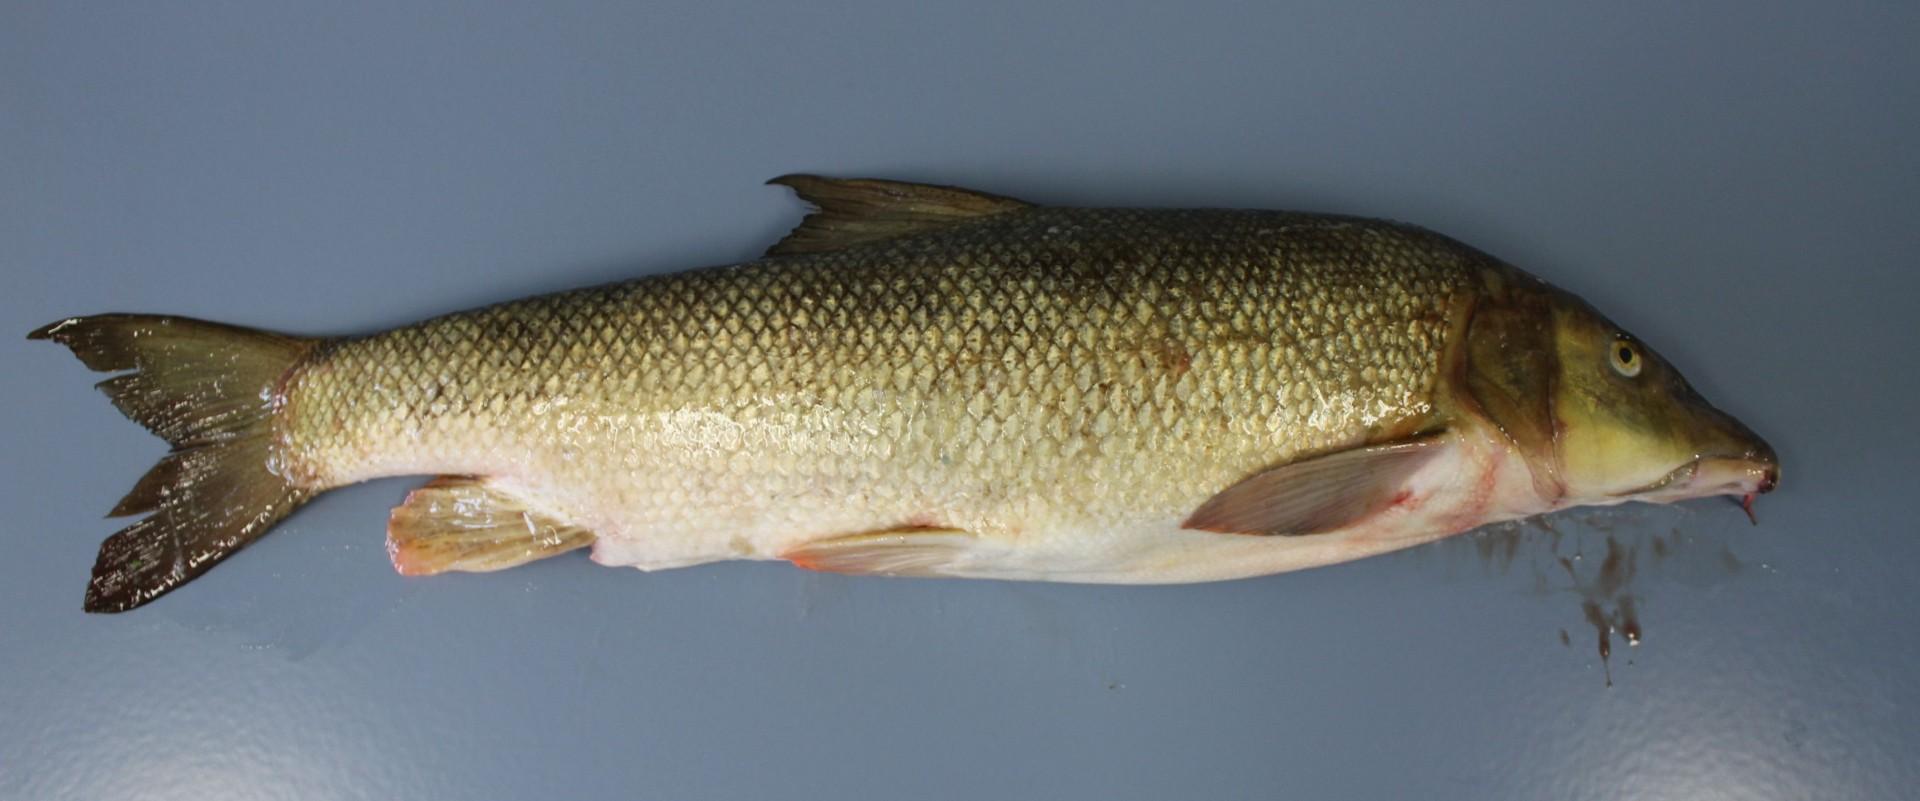 Eine ganze Barbe (Fisch) aus dem Altrhein wird nach dem Probeneingang im Labor gezeigt.